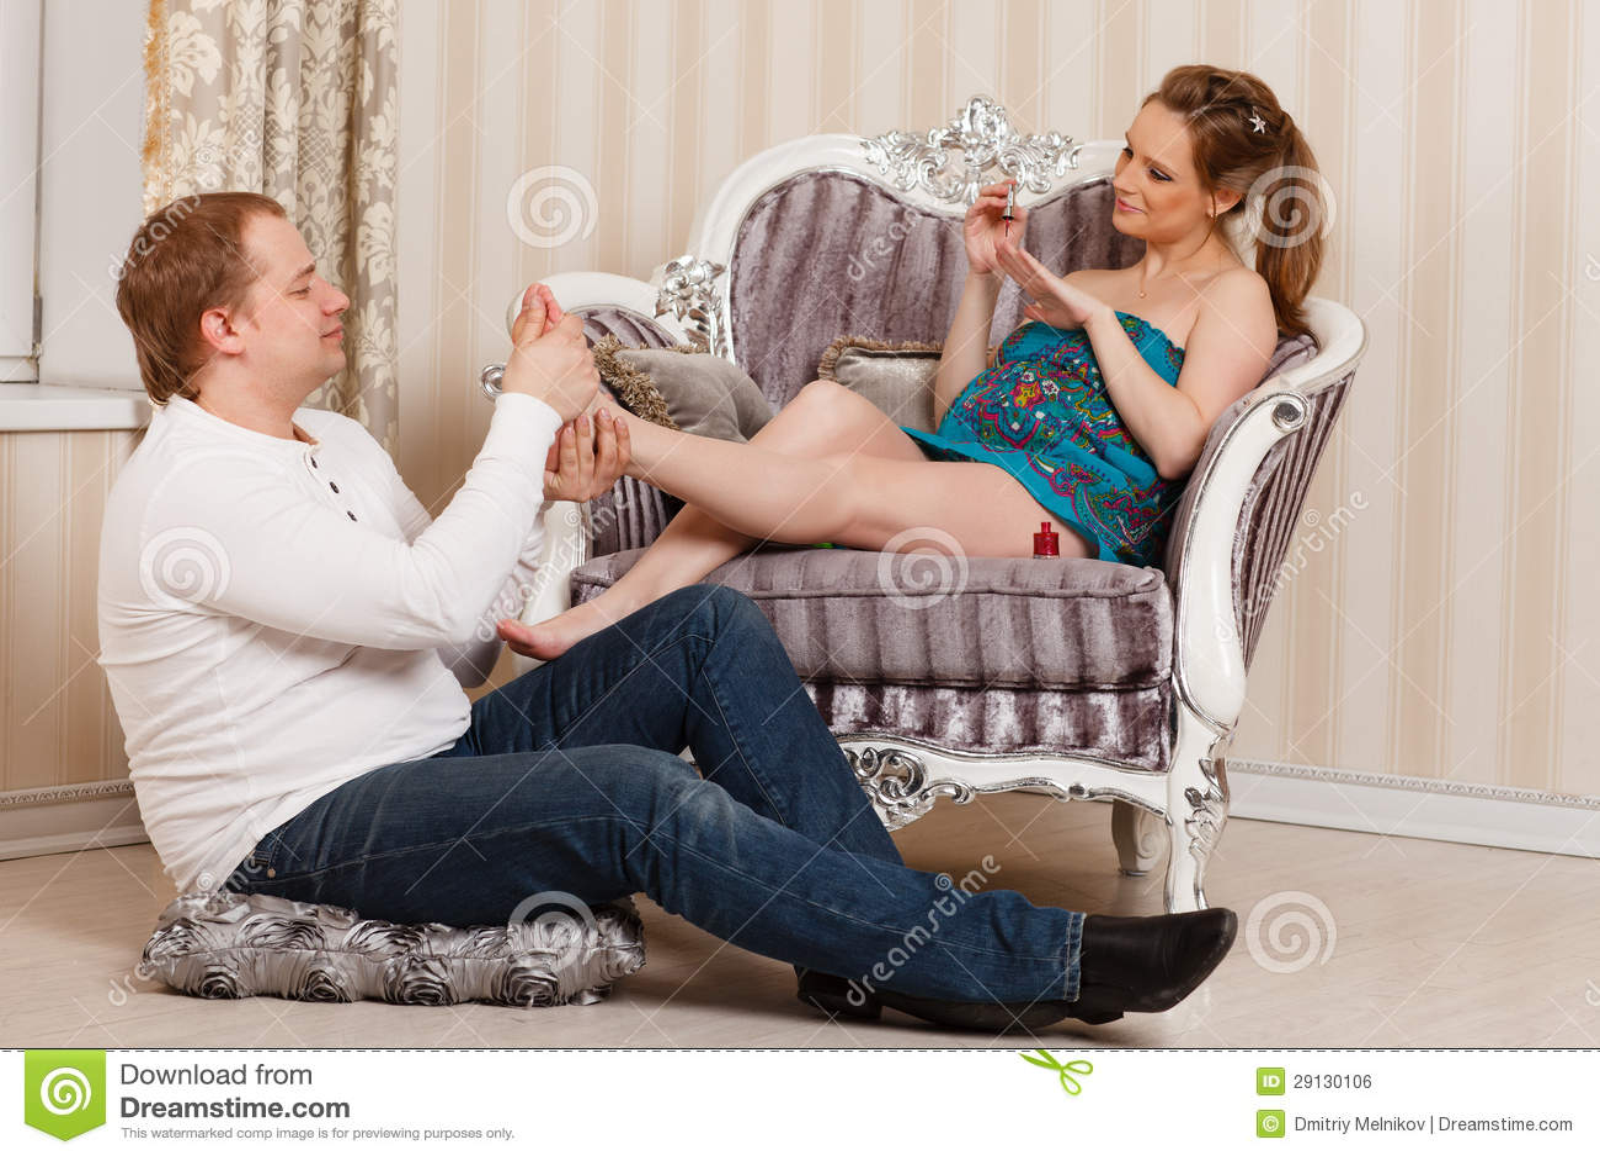 Целует жене ноги, Муж целует ноги жене, которую ебет любовник - смотрите 24 фотография